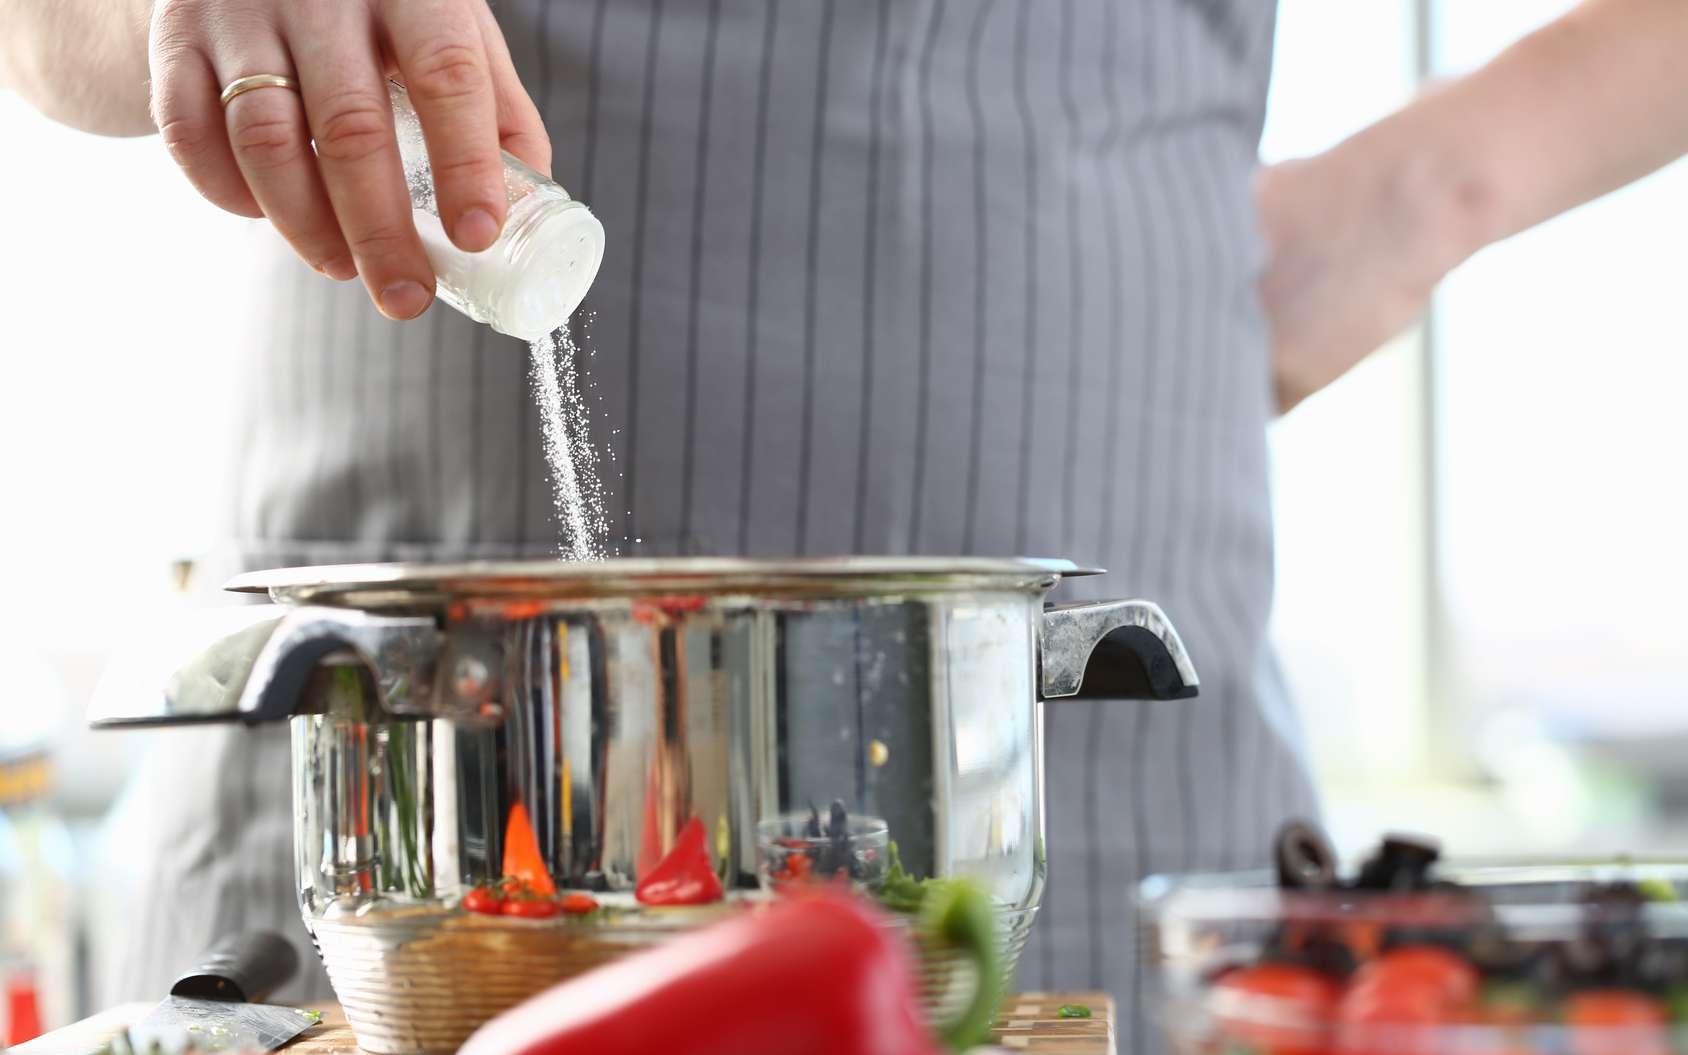 Le sel, notamment dans les plats industriels, est une vraie menace pour la santé. Tout comme les autres additifs. © Hanna, Fotolia